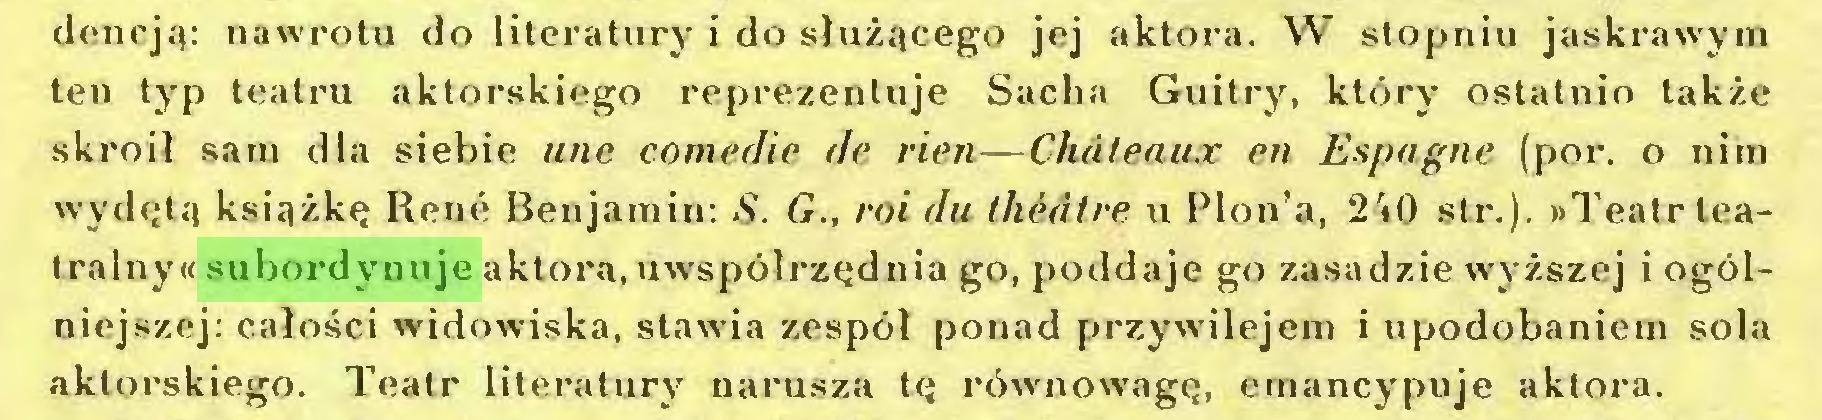 (...) dencją: nawrotu do literatury i do służącego jej aktora. W stopniu jaskrawym ten typ teatru aktorskiego reprezentuje Sacha Guitry, który ostatnio także skroił sam dla siebie une comedie de rien—Châteaux en Espagne (por. o nim wydętą książkę René Benjamin: S. G., roi du théâtre u Plon'a, 240 str.). »Teatr teatralny« subordynuje aktora, uwspółrzędnia go, poddaje go zasadzie wyższej i ogólniejszej: całości widowiska, stawia zespół ponad przywilejem i upodobaniem sola aktorskiego. Teatr literatury narusza tę równowagę, emancypuje aktora...